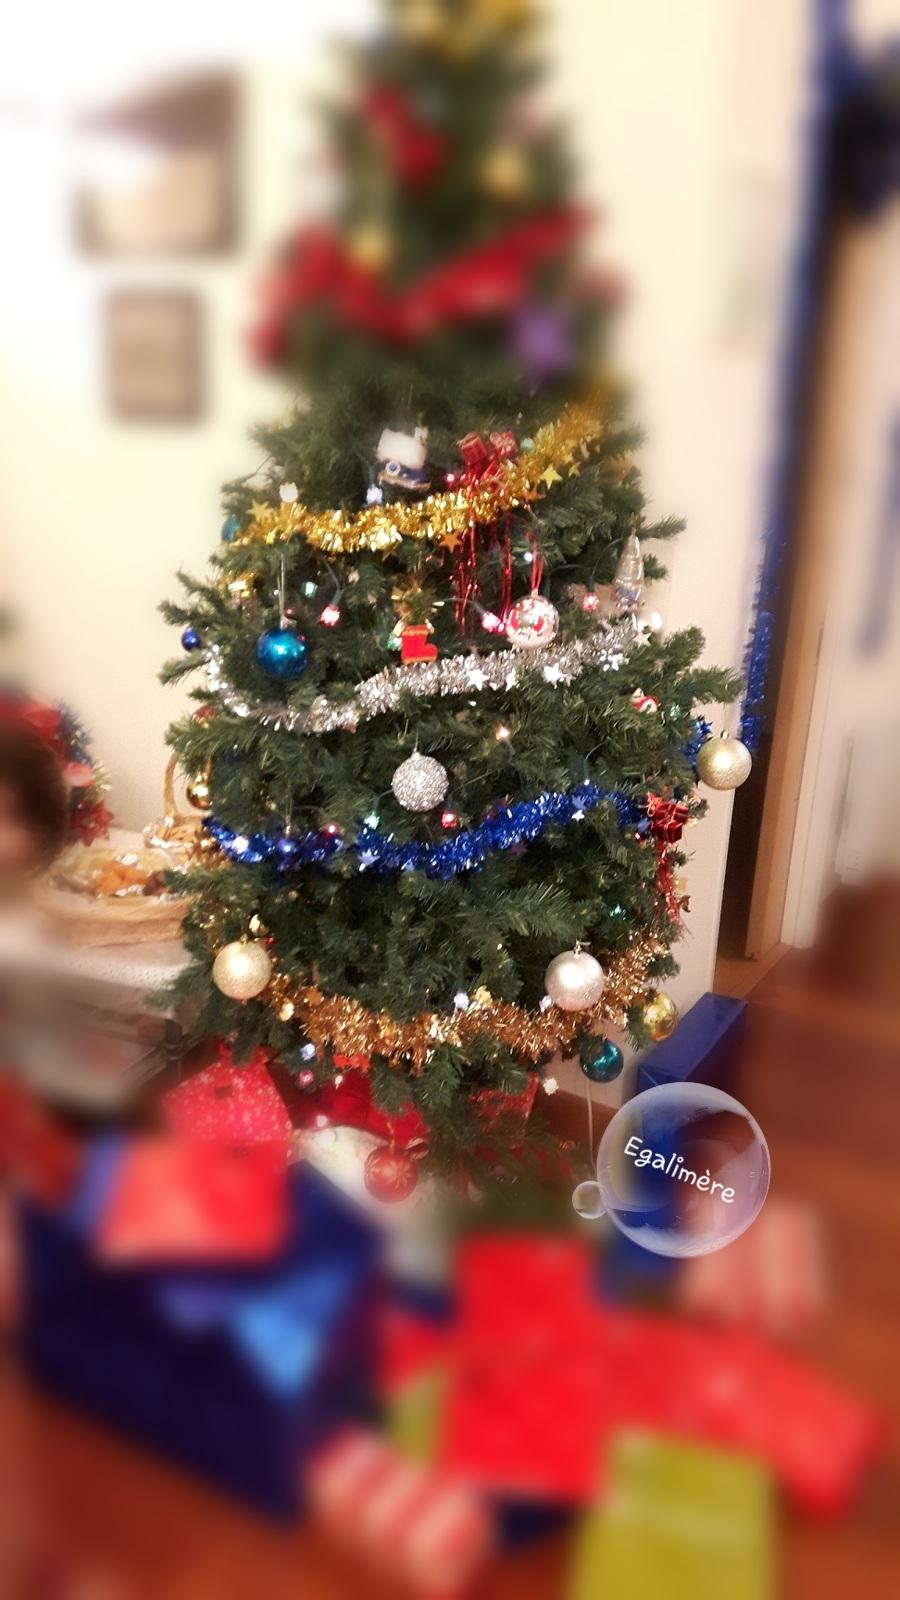 La charge mentale de Noël